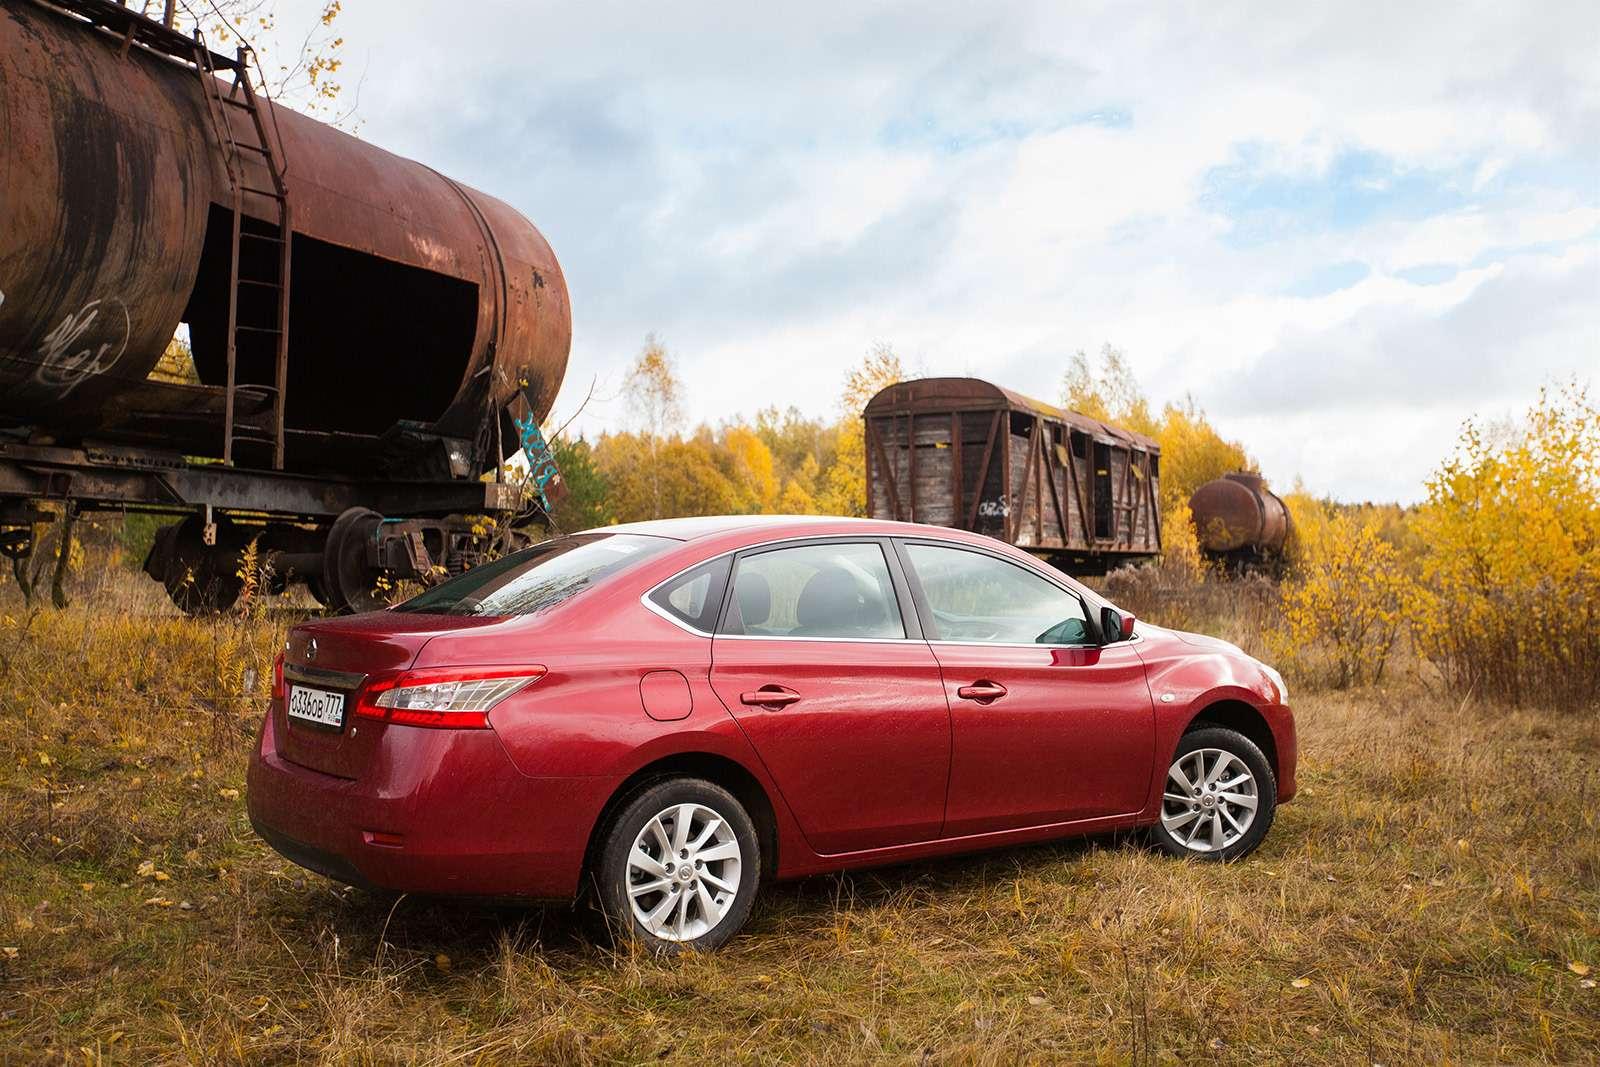 Двемодели Nissan ушли сроссийского рынка. Какие ипочему?— фото 817287